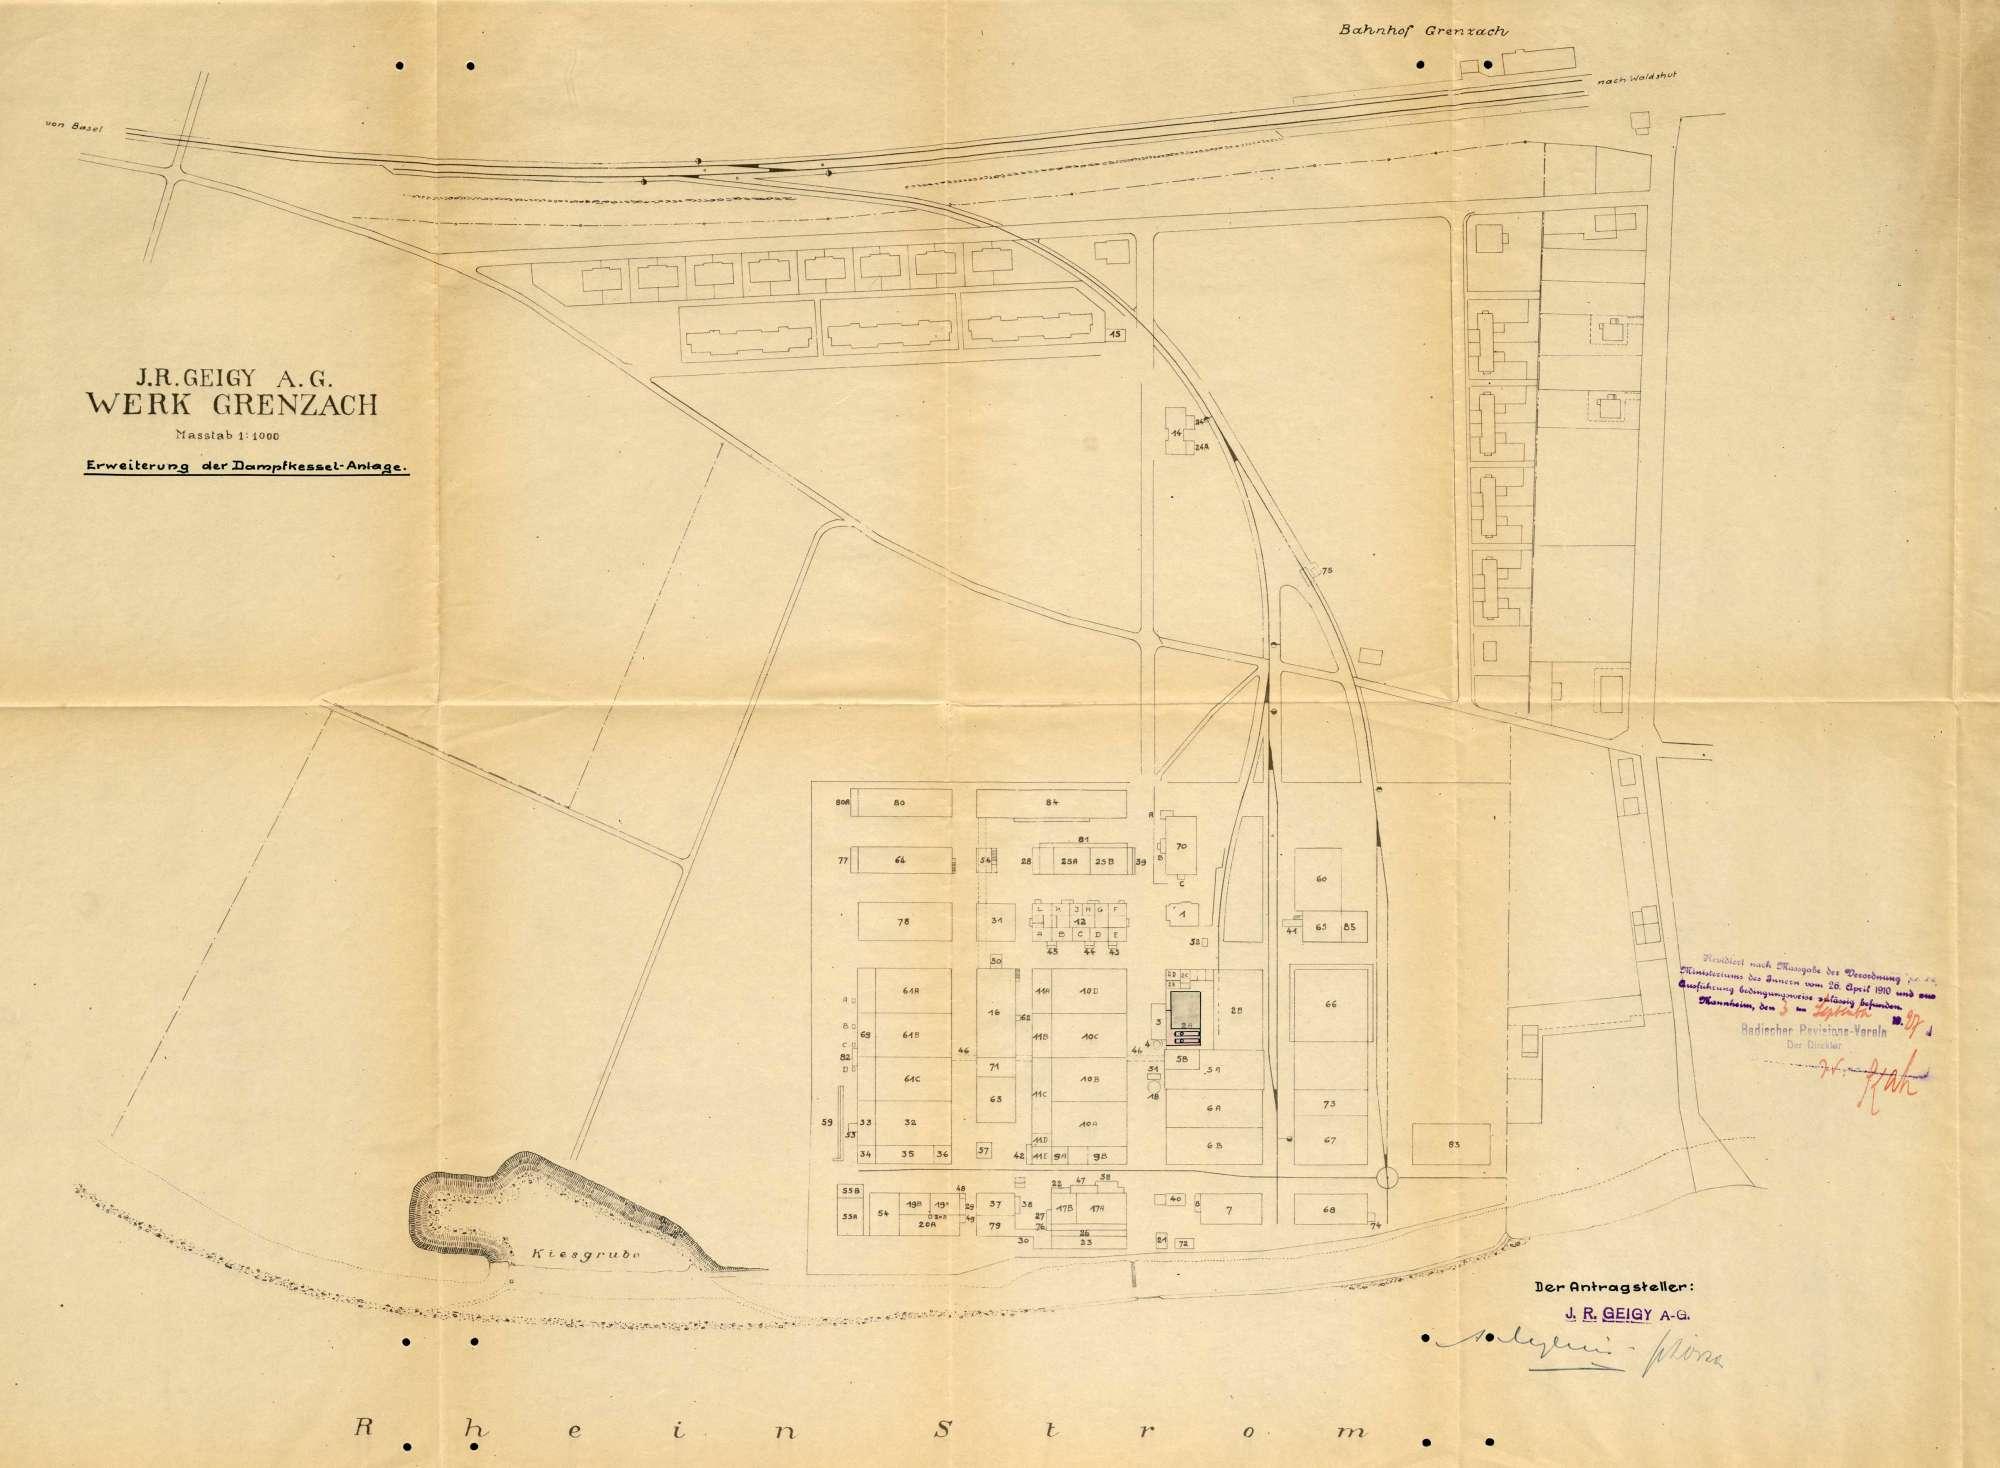 Gesuch der Fa. J. R. Geigy & Cie in Grenzach um Erlaubnis zur Anlegung eines Dampfkessels, Bild 1